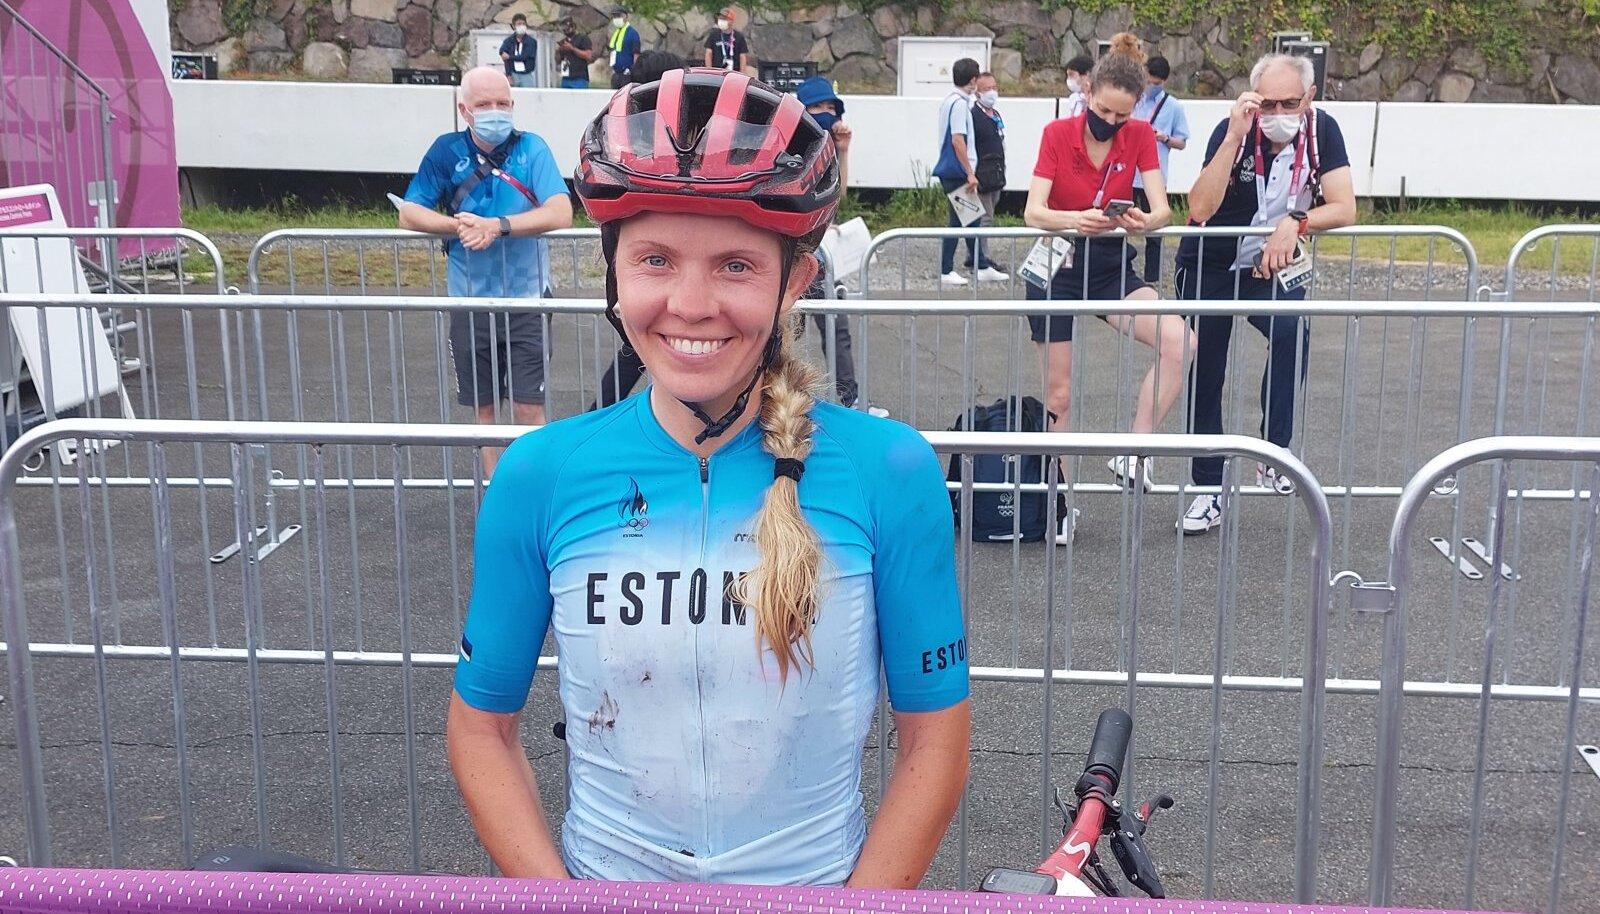 Raske nädal vajutas Janika Lõivu esitusele pitseri. Naeratus näitab, et olümpiadebüüt ei läinud siiski luhta.